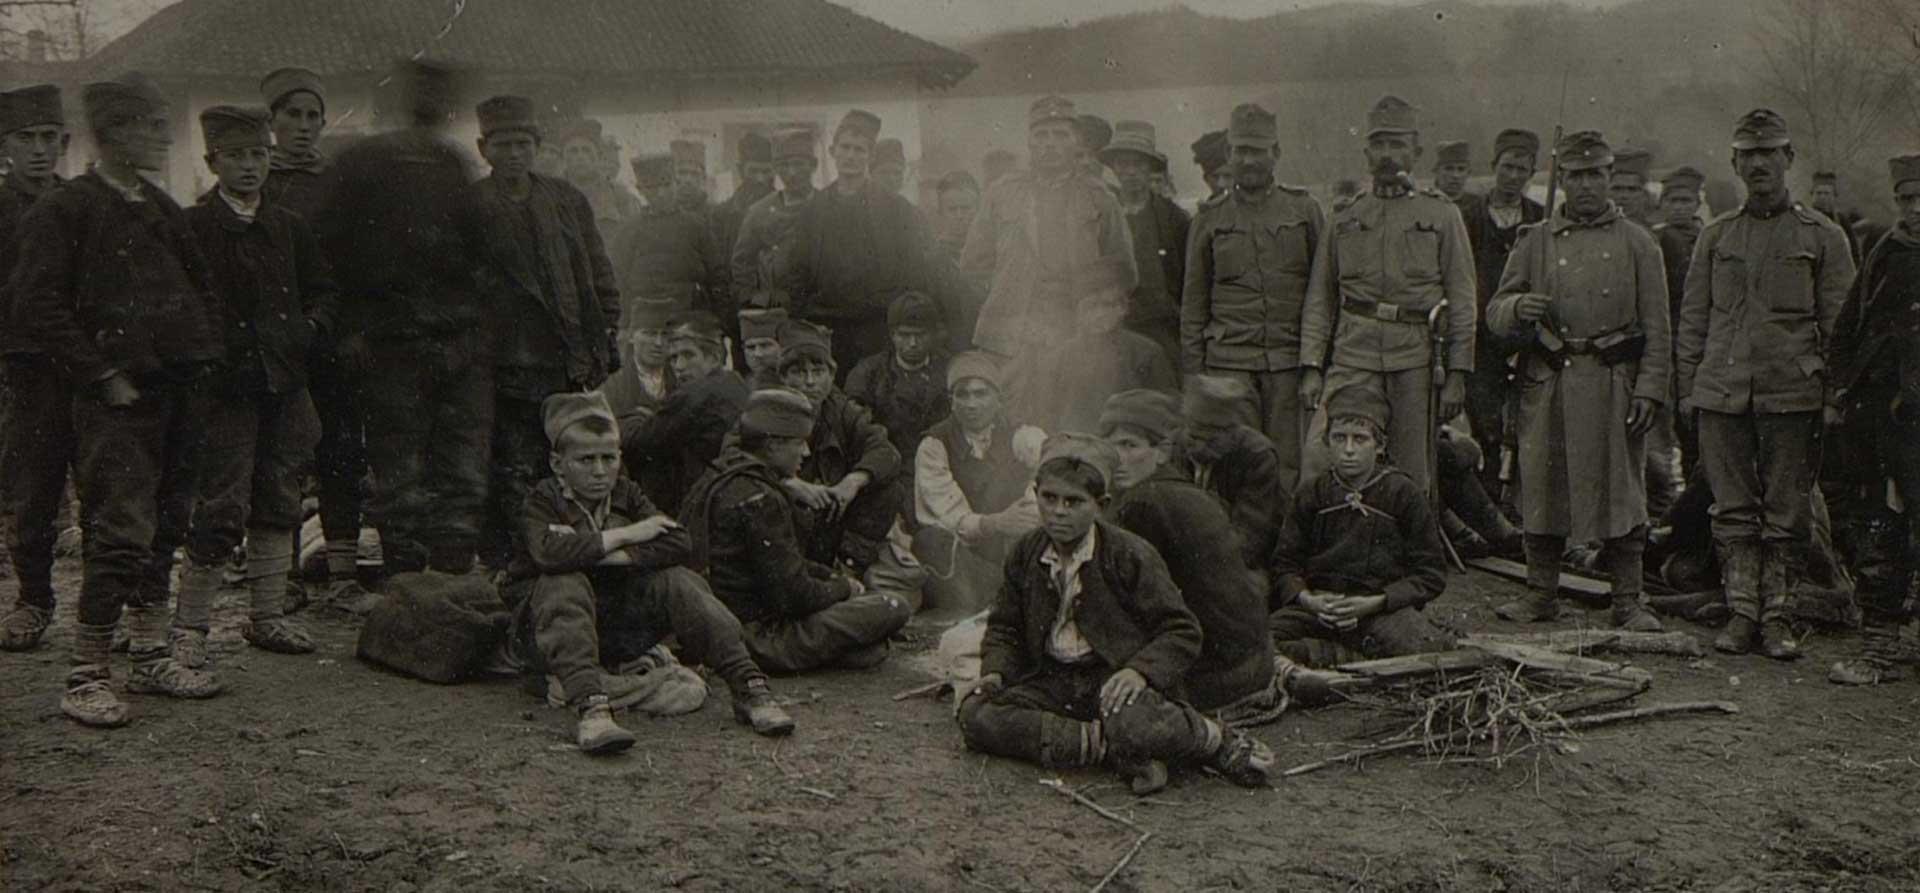 Српски дечаци заробљени у Трстенику, новембар 1915. године. Фото: К.у.К Ратни пресбиро, Аустријска национална библиотека, Беч